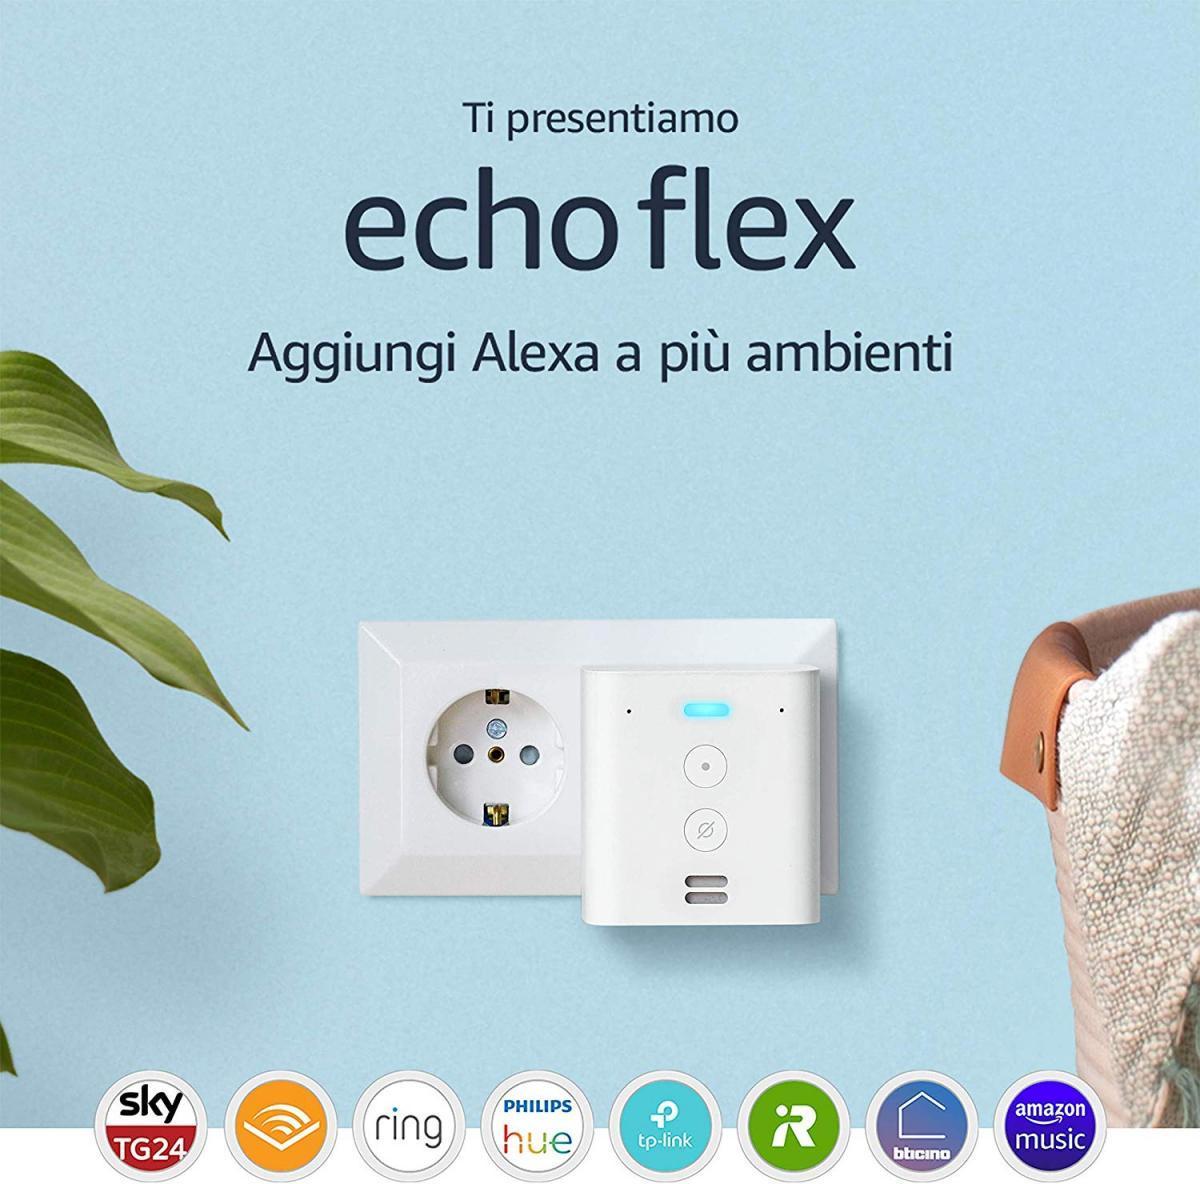 1 - Echo Flex